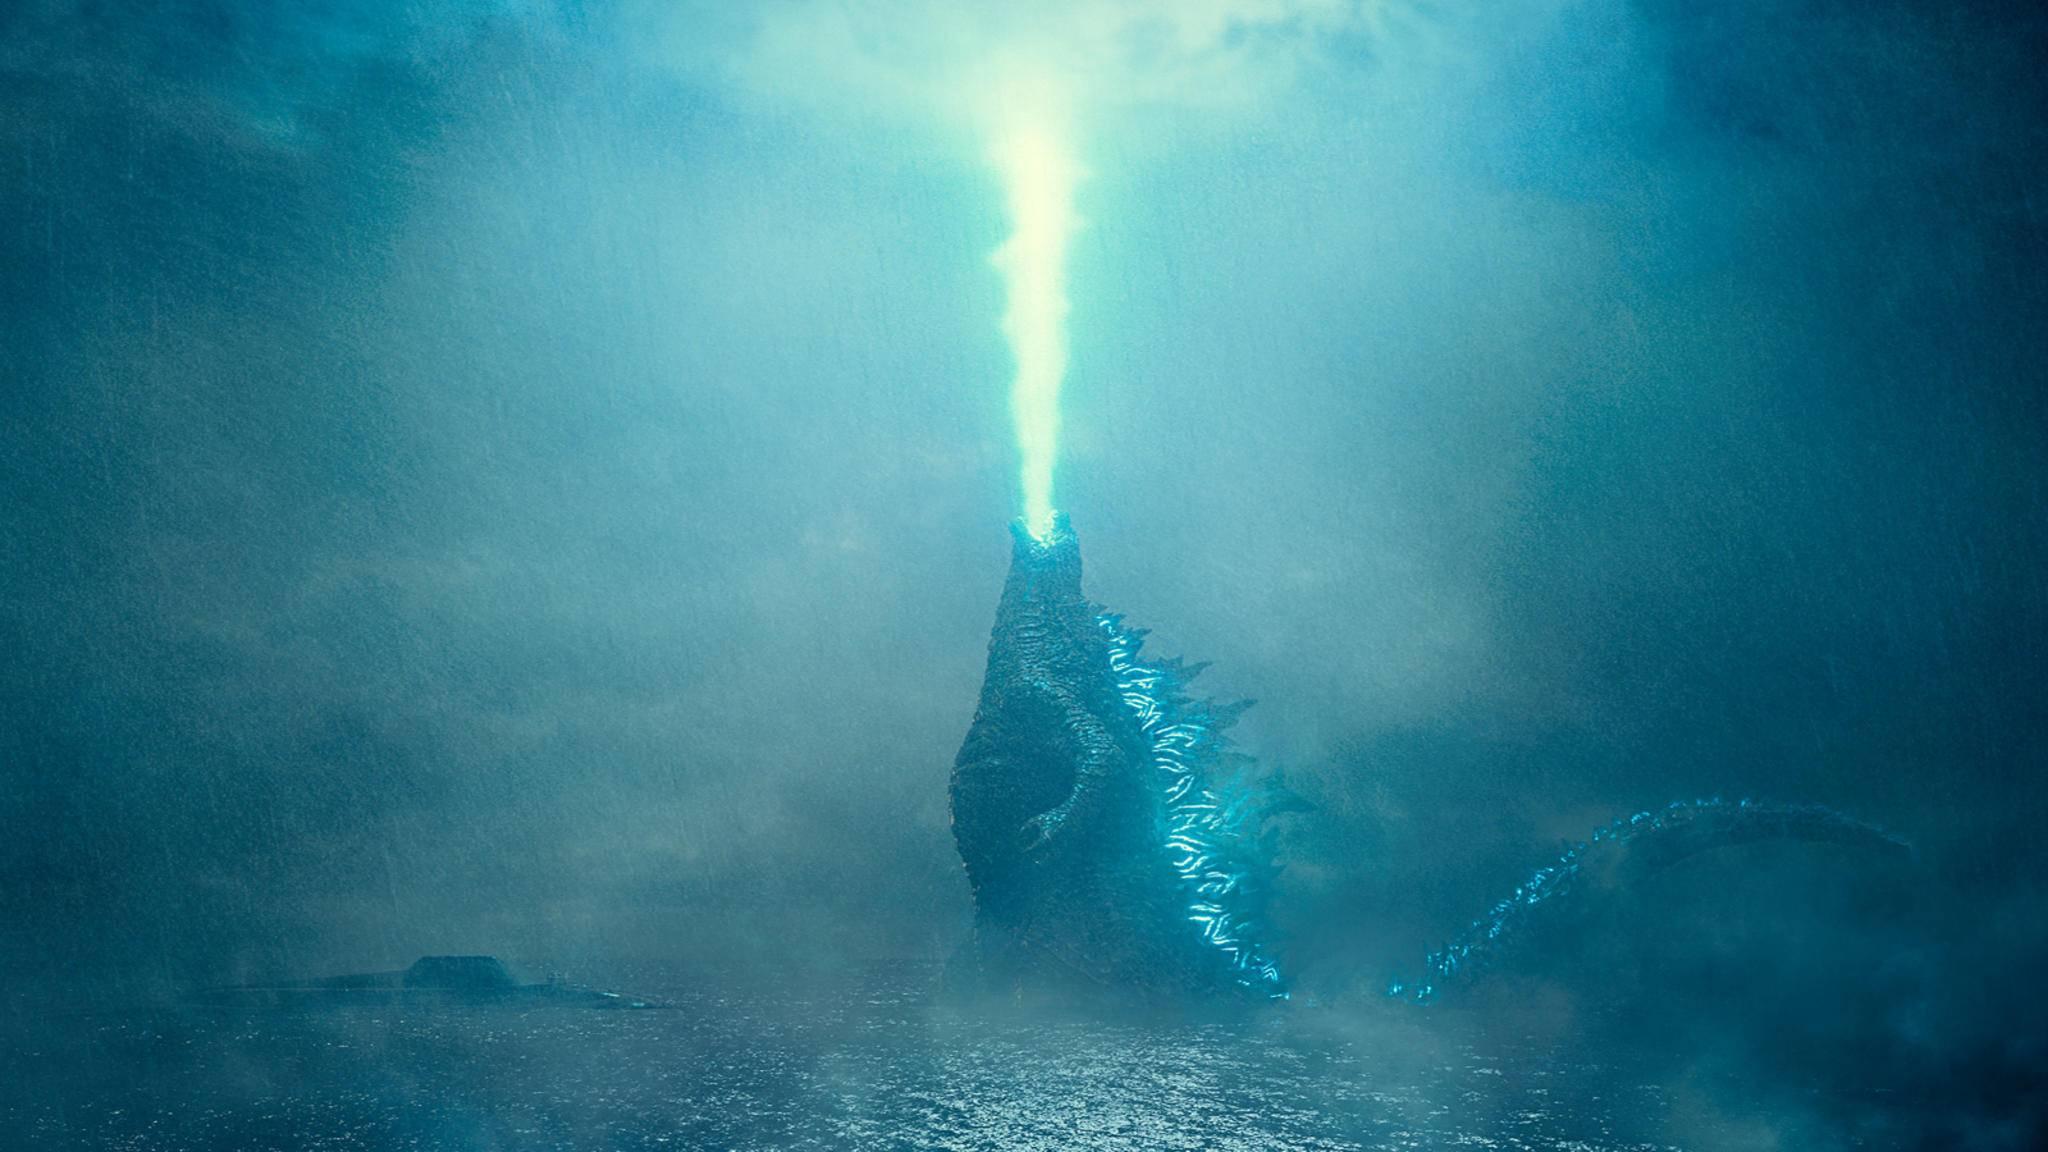 Storys mit und über Godzilla werden wohl nie aus der Mode kommen ...